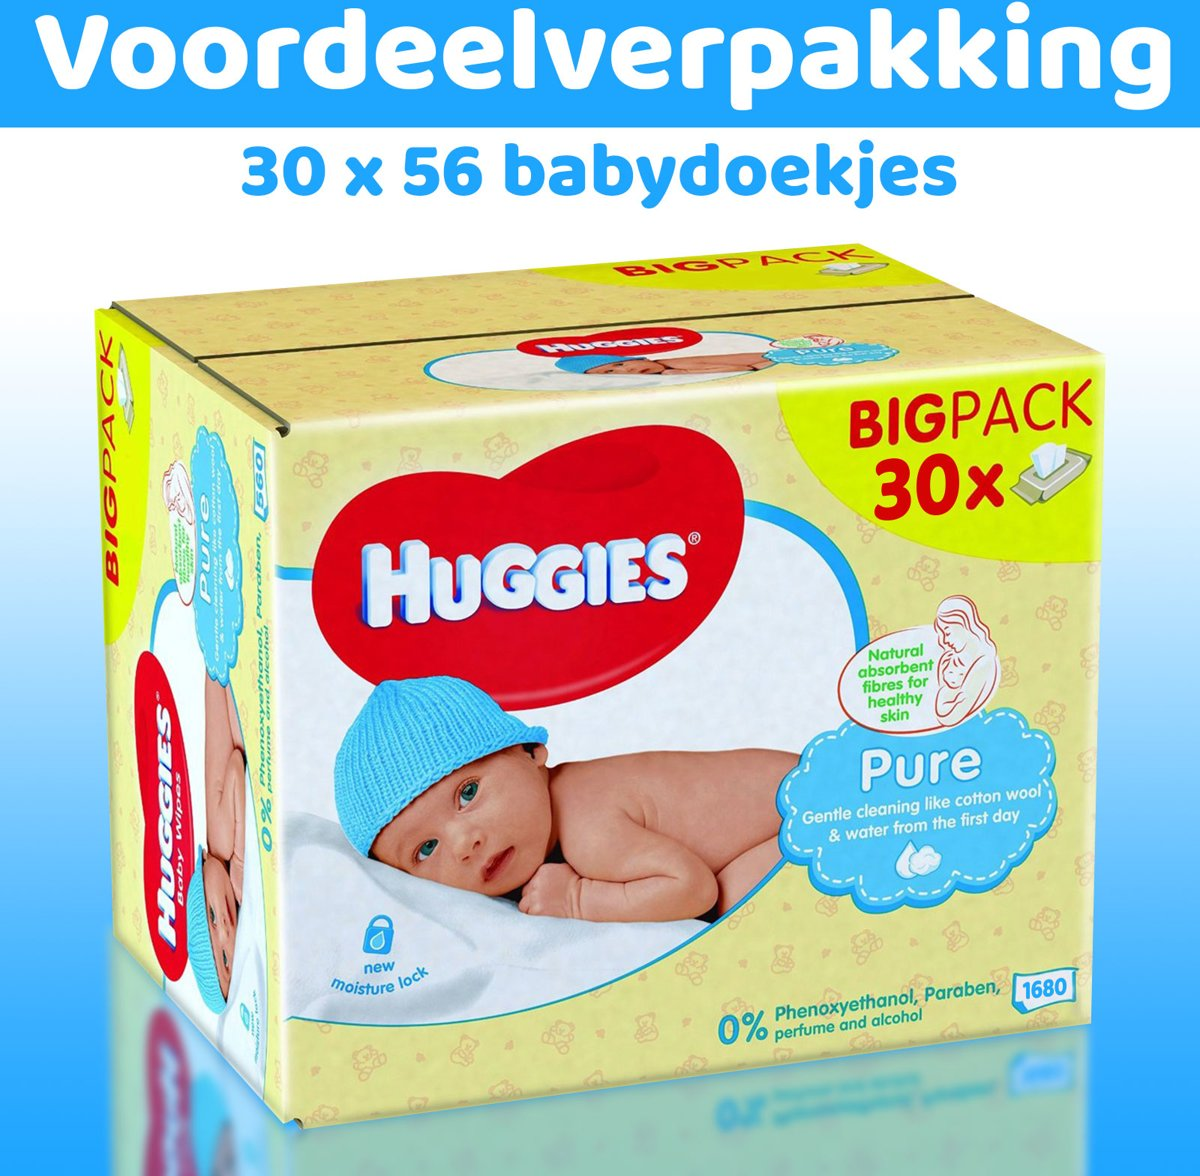 Huggies Pure Babydoekjes - 30 x 56 babydoekjes - XXL voordeelverpakking - Parfumvrij & dermatologisch getest - 30 x 56 - 1680 billendoekjes kopen